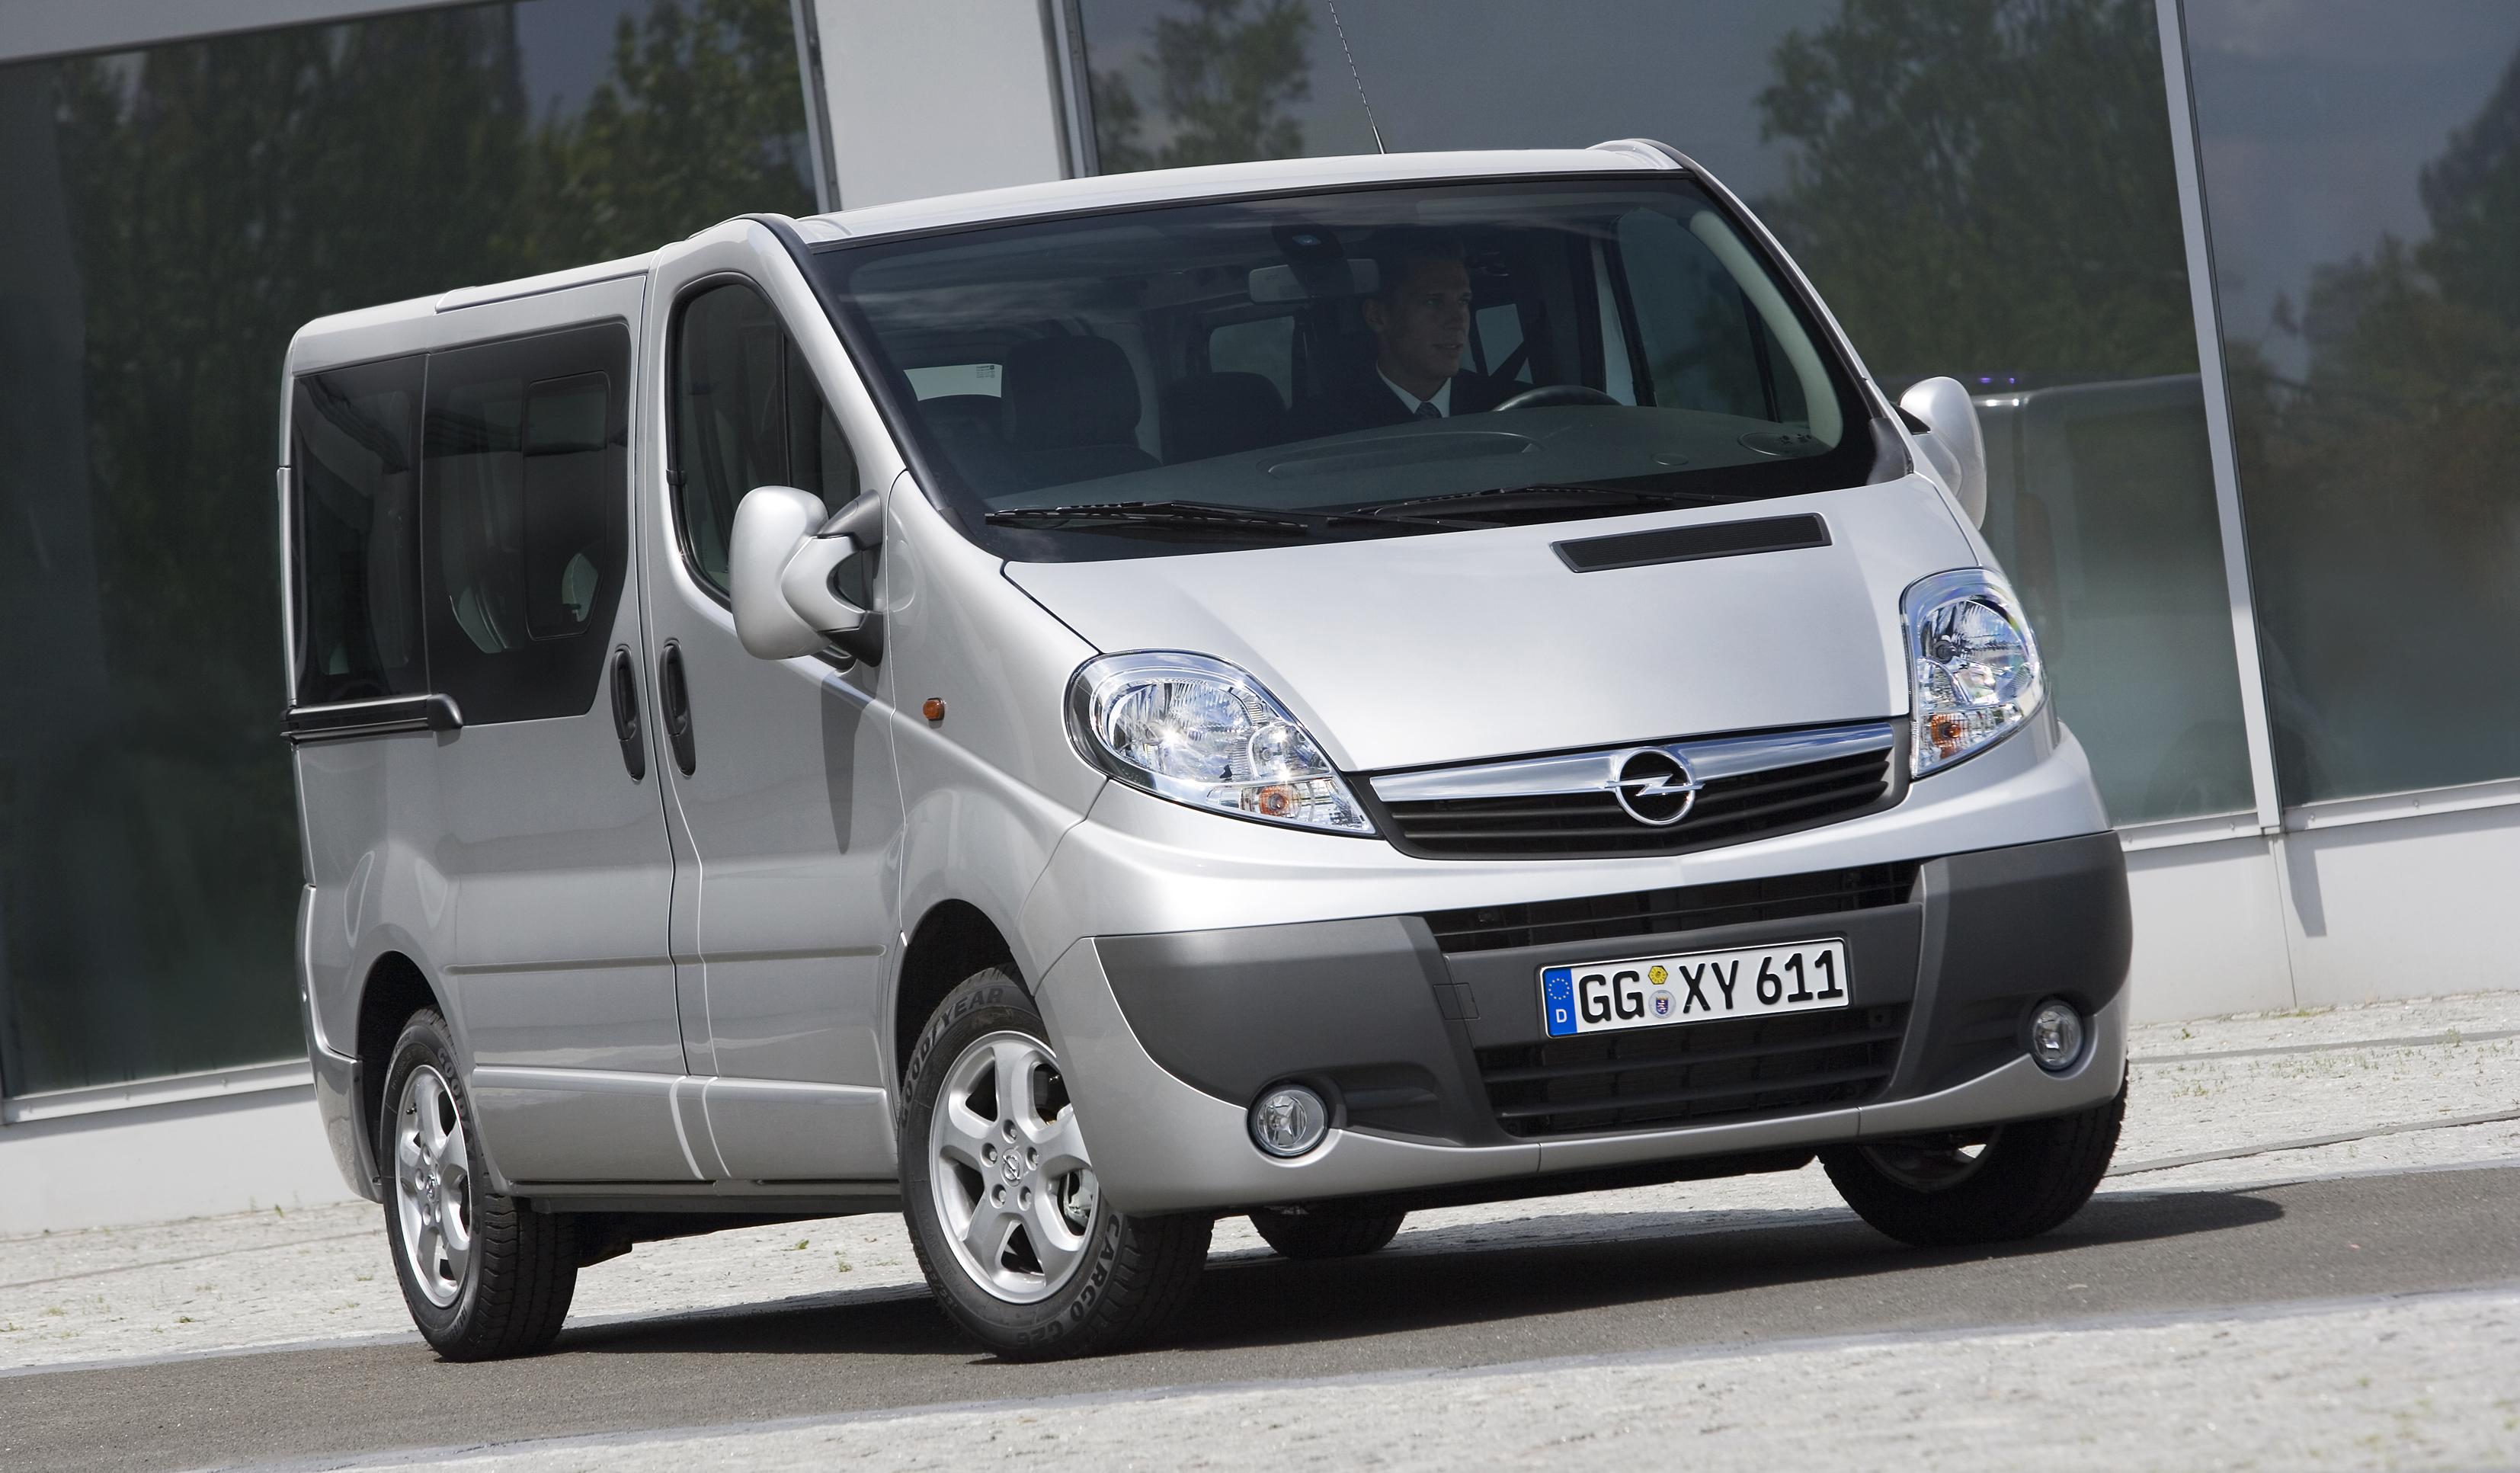 Opel Vivaro A 2001 - 2014 Minivan #1